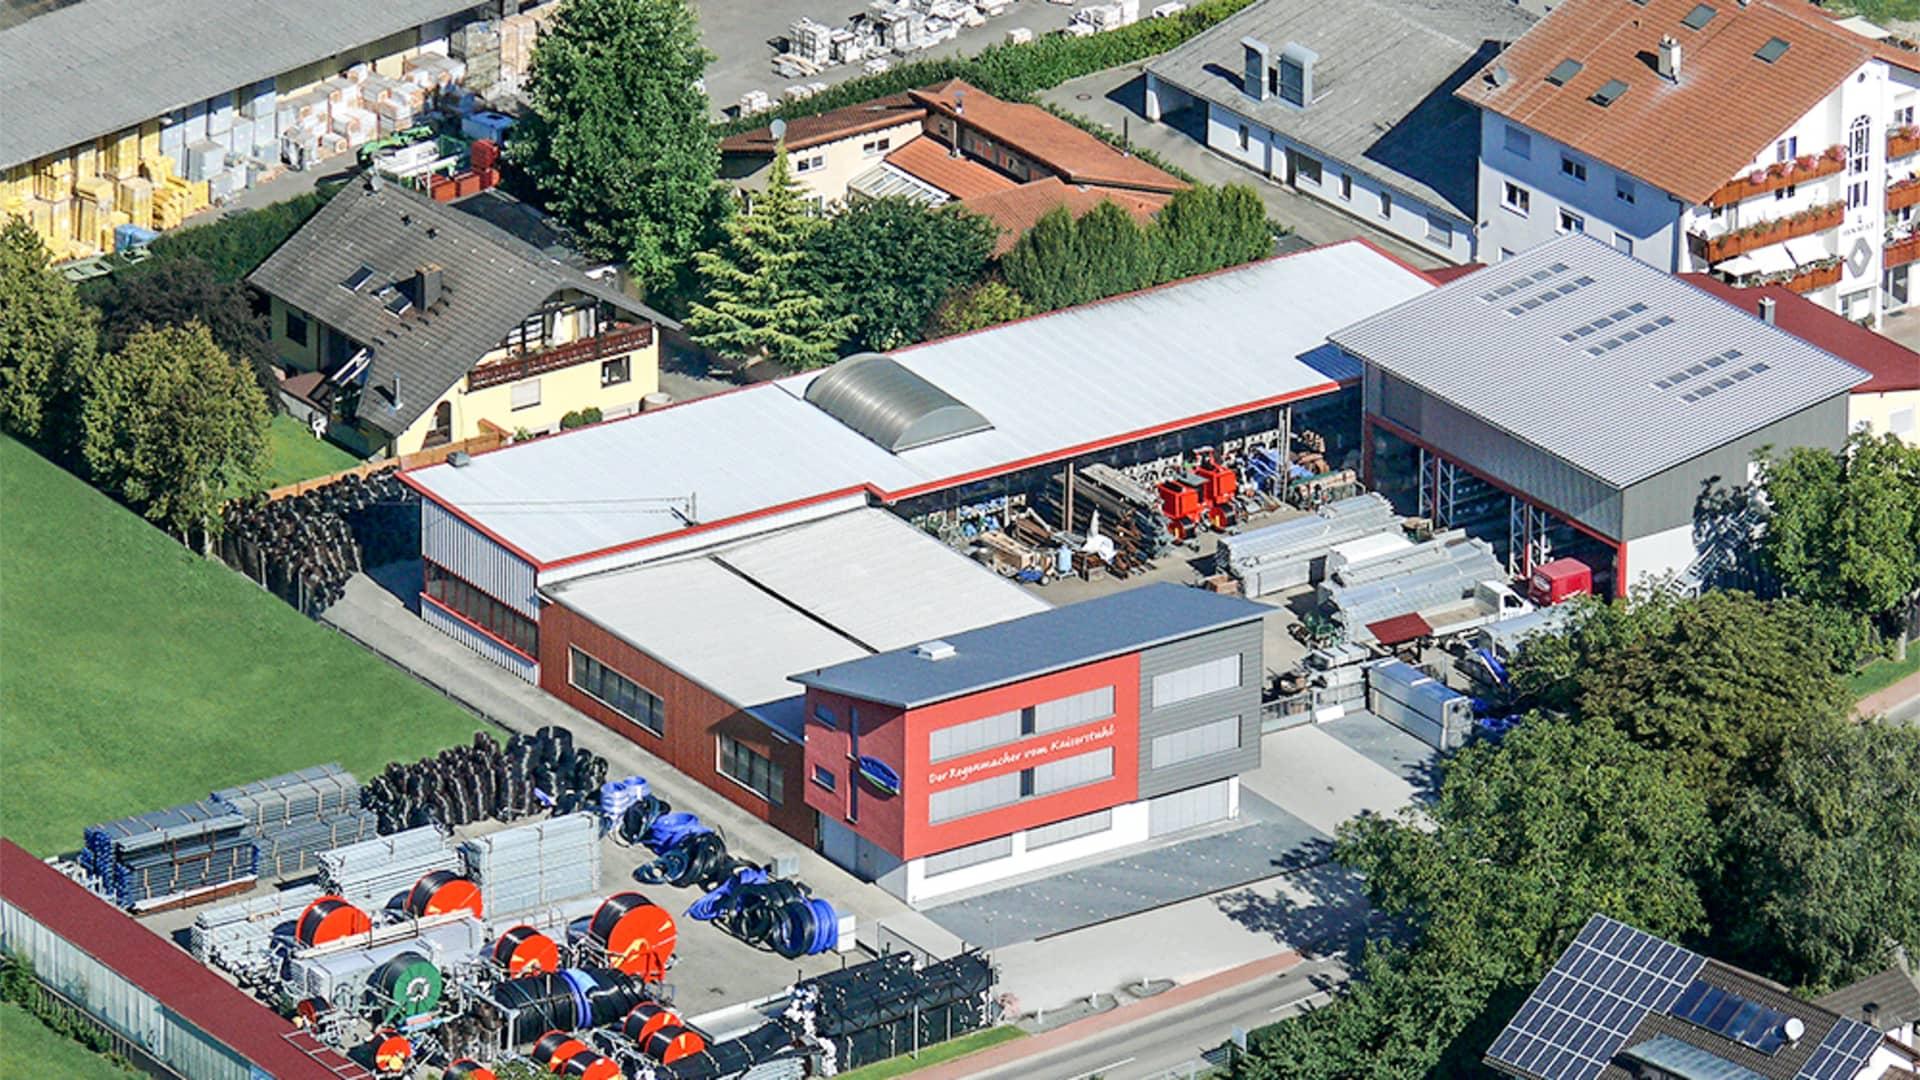 Ansicht von oben: Schillinger Beregnungsanlagen GmbH in Ihringen